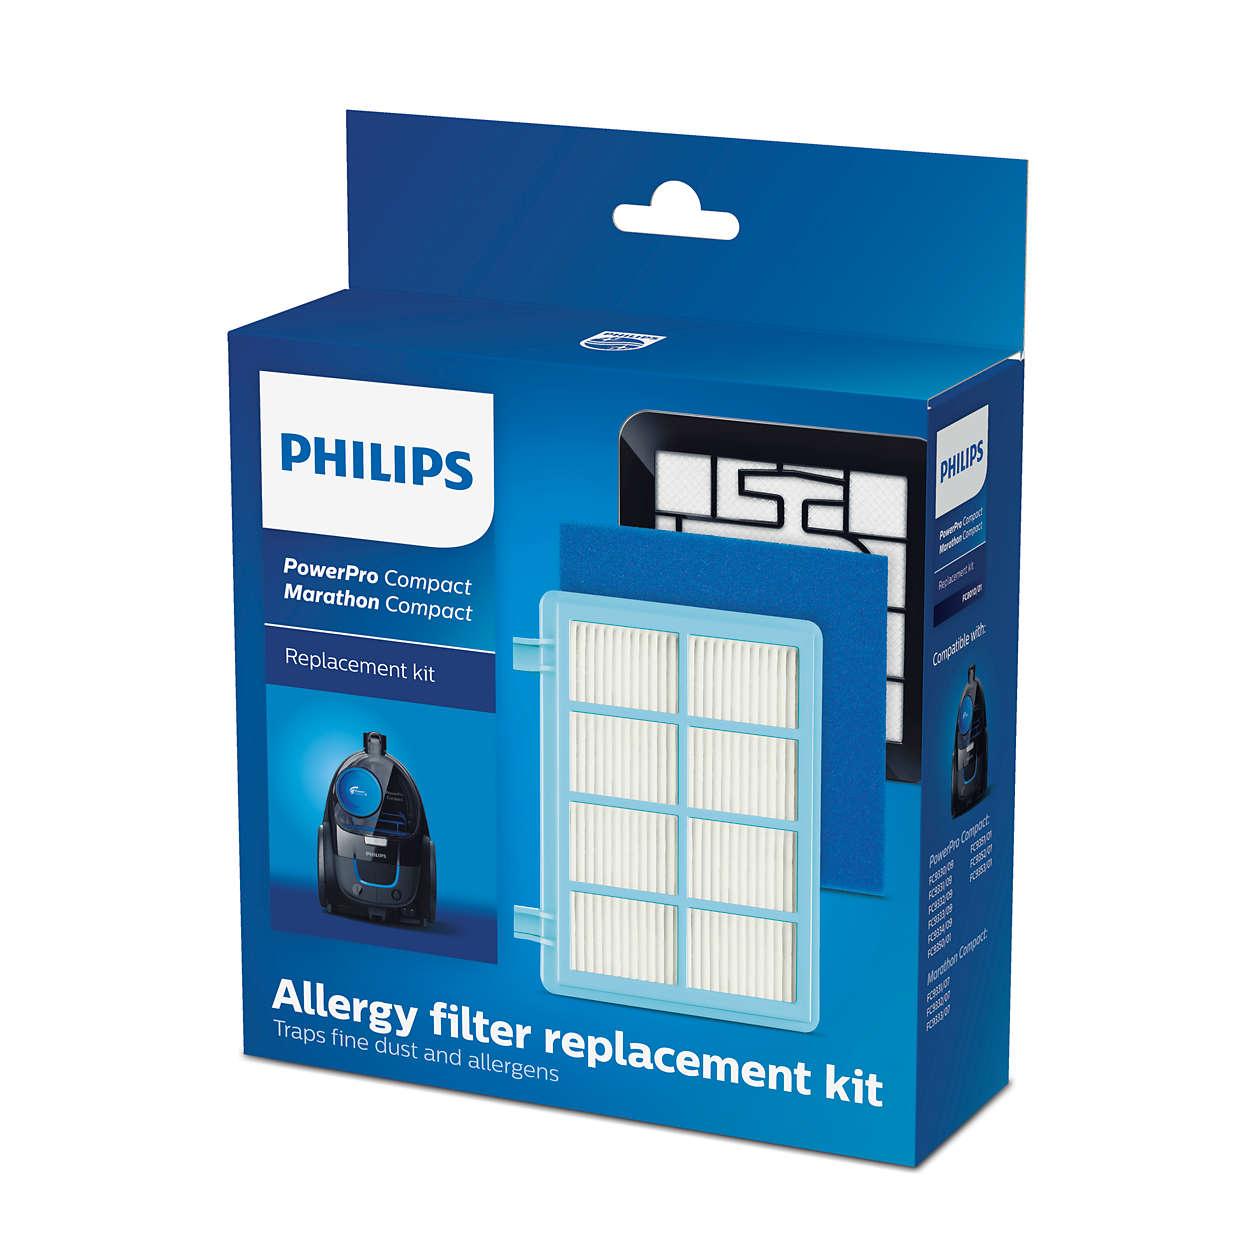 Allergifilterutbytessats för PowerPro Compact*